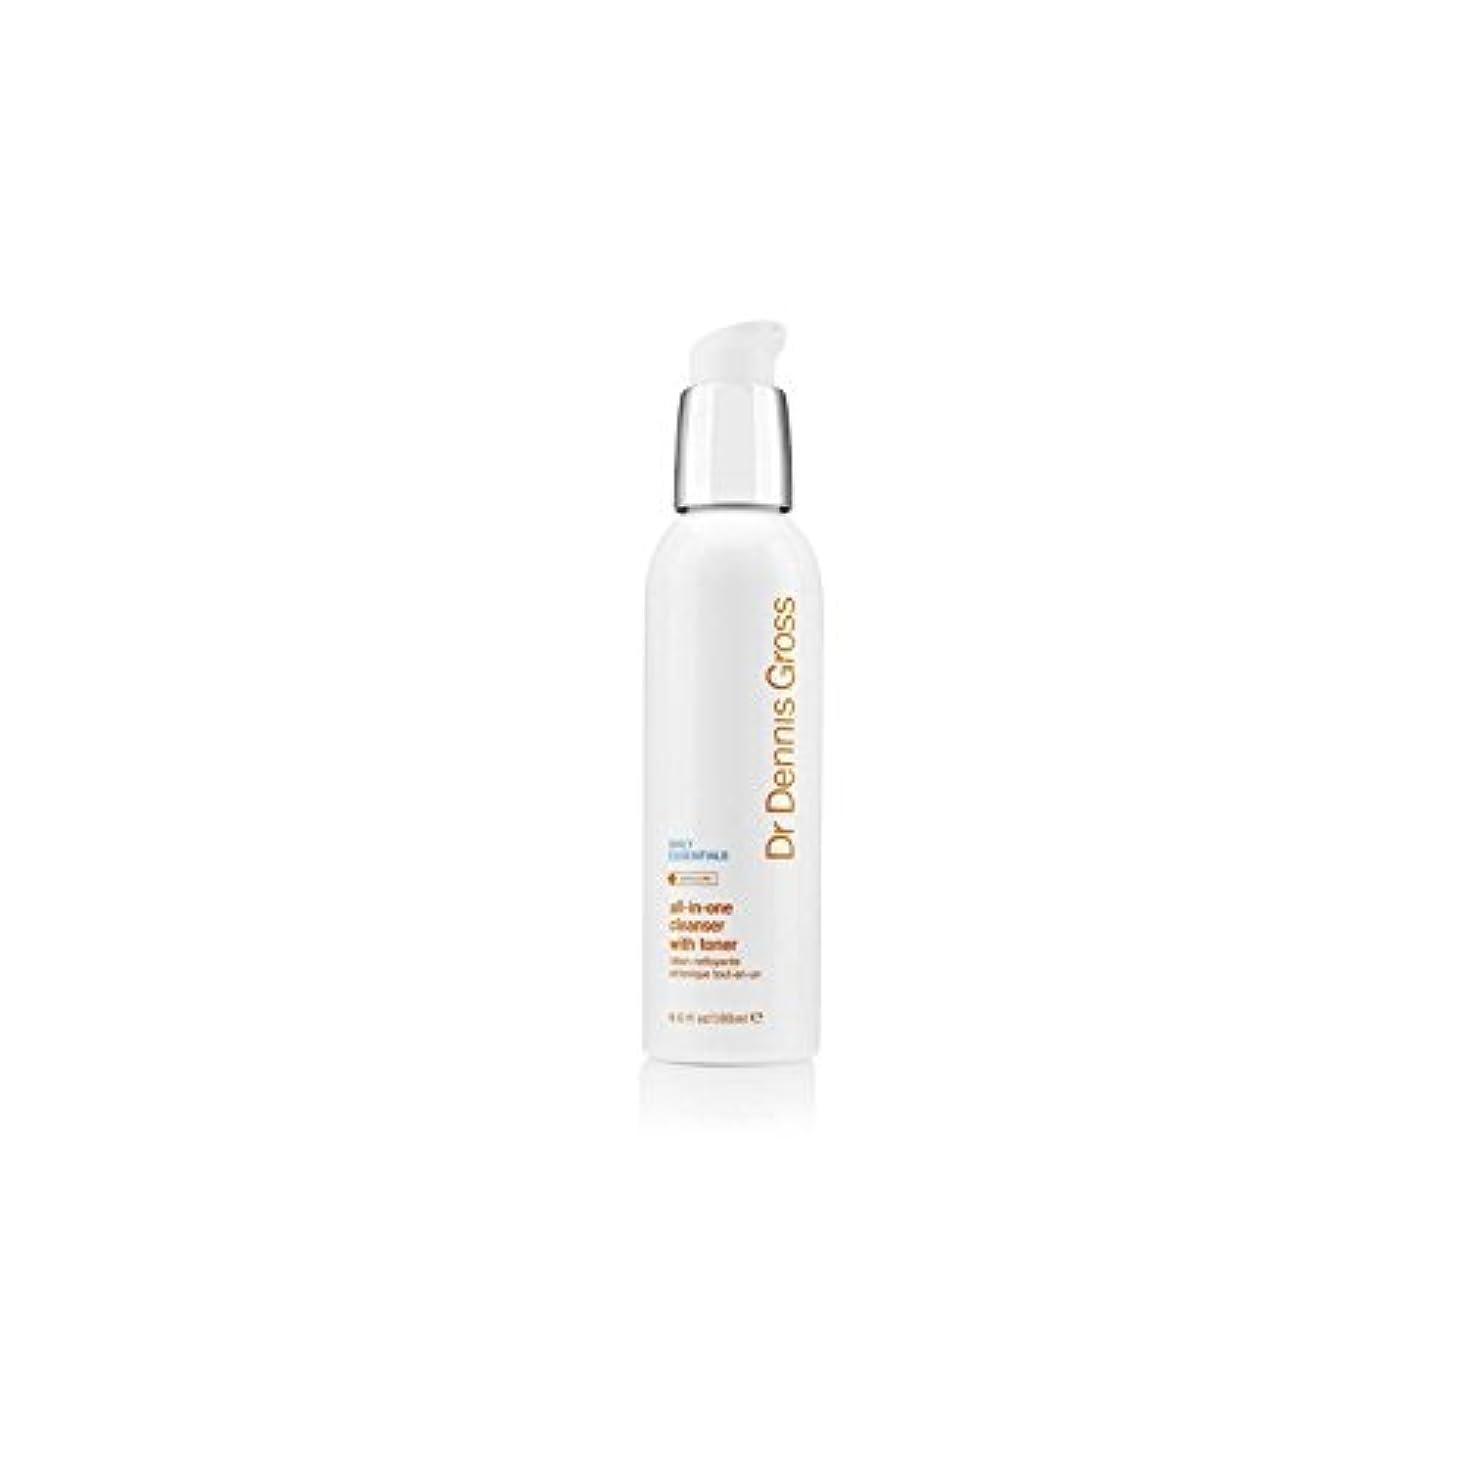 排泄するアデレードスーツケースデニスグロスオールインワントナー(180ミリリットル)とフェイシャルクレンザー x2 - Dr Dennis Gross All-In-One Facial Cleanser With Toner (180ml) (Pack...